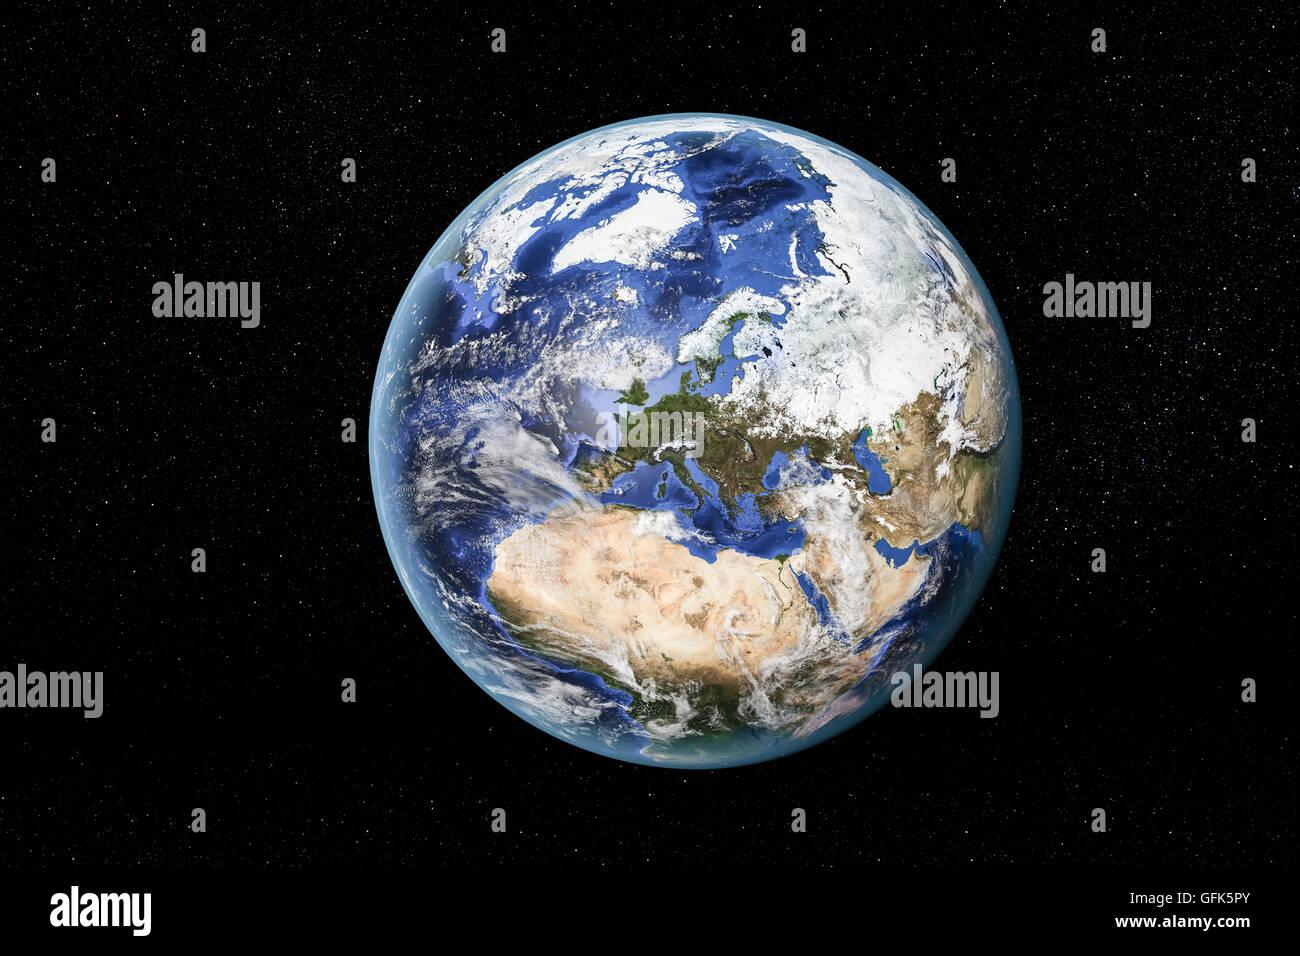 Vista detallada de la Tierra desde el espacio, mostrando el Norte de África, Europa y Oriente Medio. Los elementos Imagen De Stock